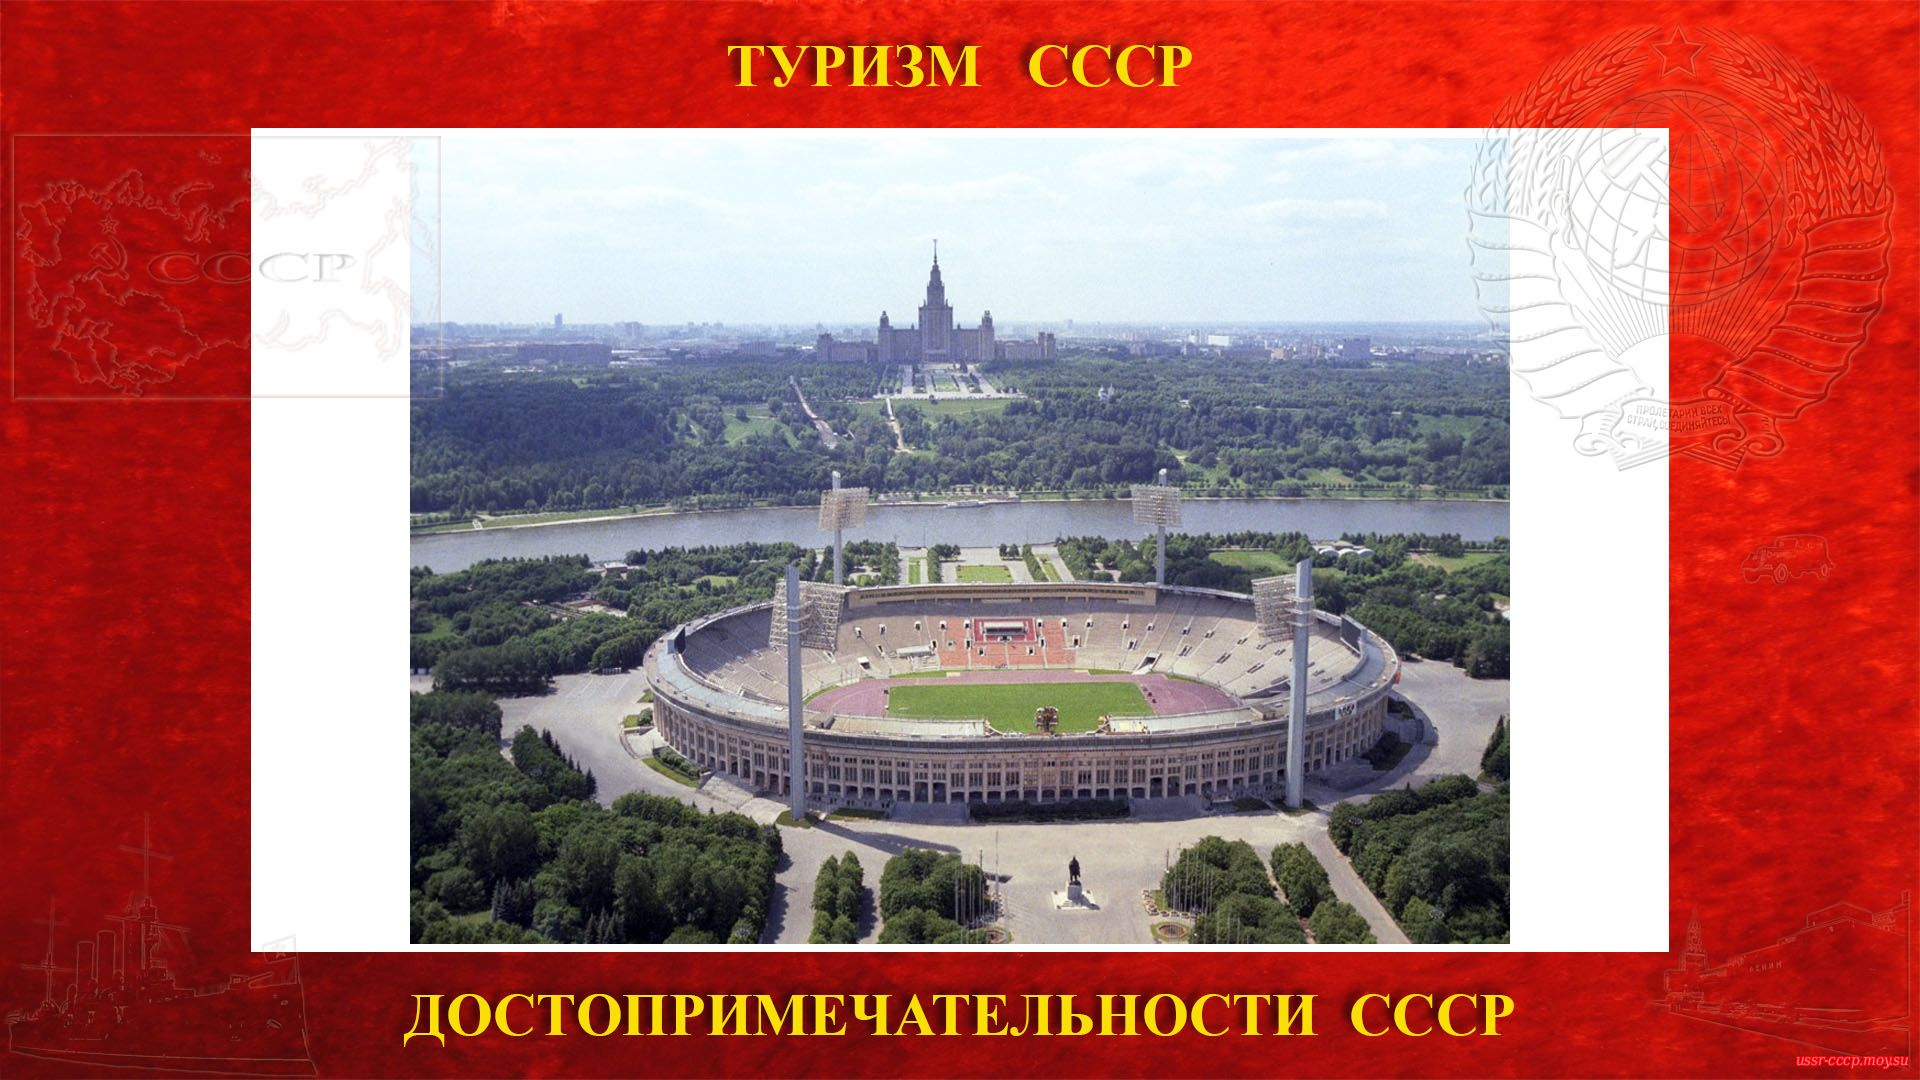 Ленинские горы — Микрорайон на западе Москвы (1922) (повествование)